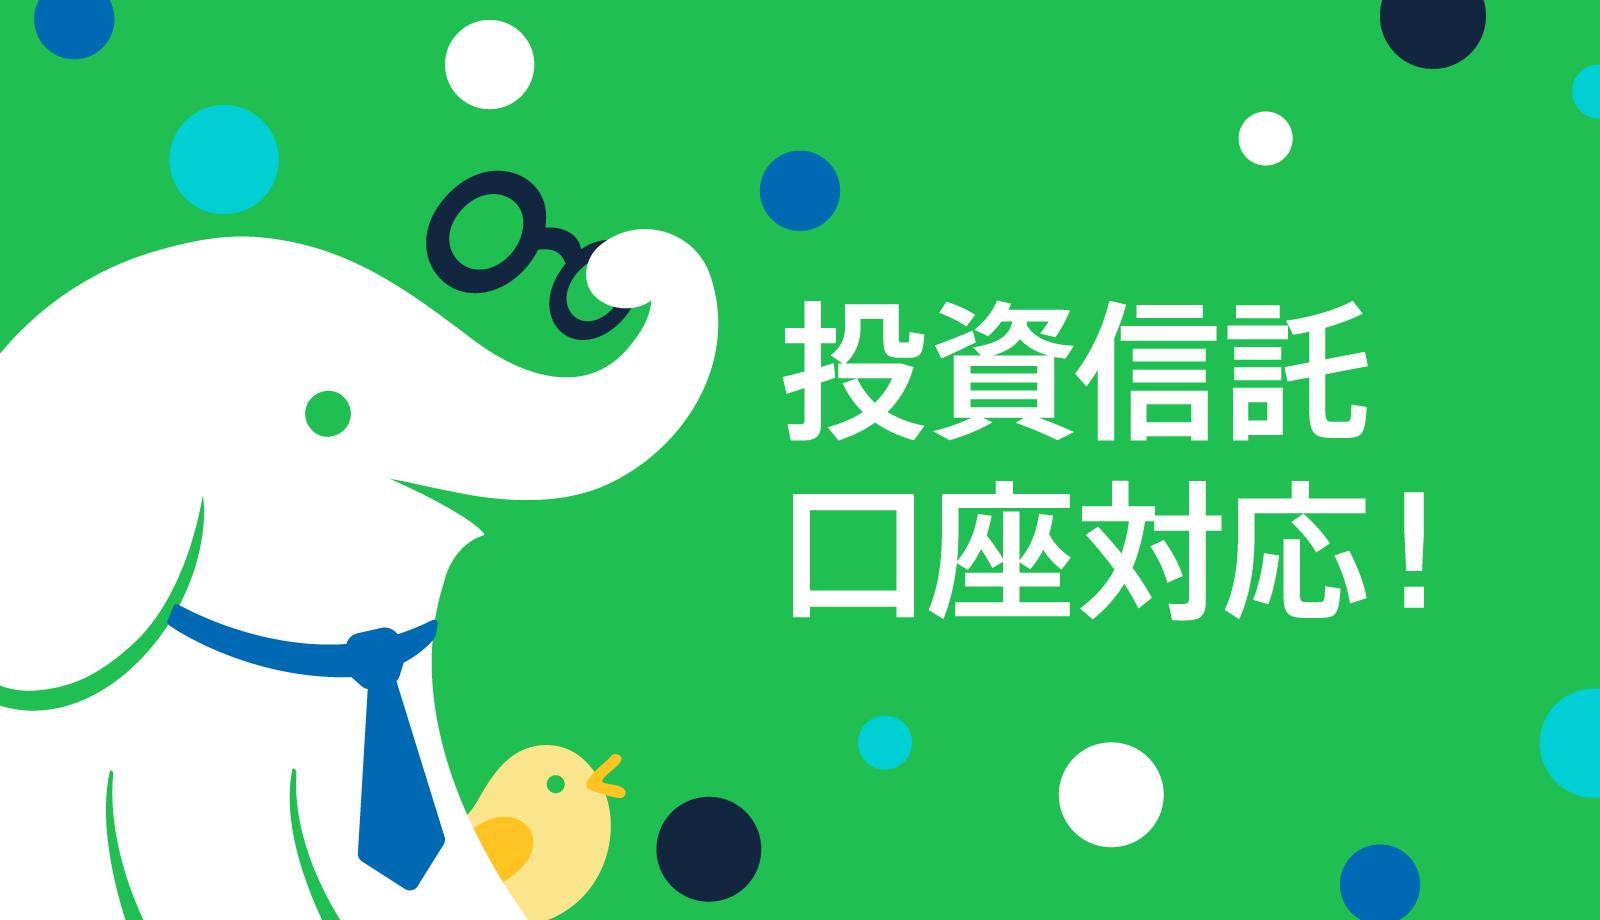 京葉銀行アプリの「一生通帳 by Moneytree」に投信口座表示が追加されました